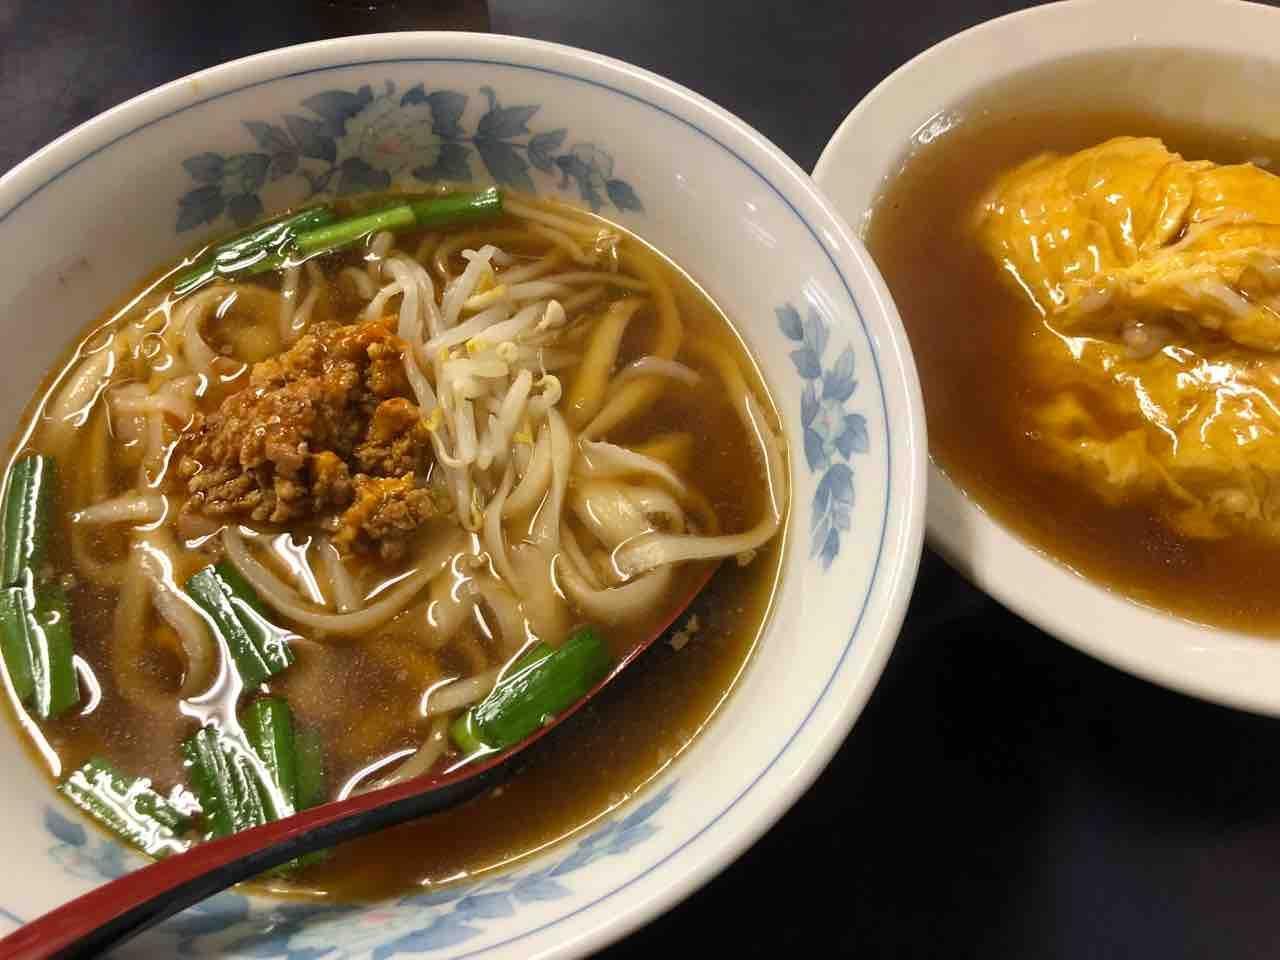 刀削麵の『四喜紅』台湾ラーメン(刀削麵)+天津飯